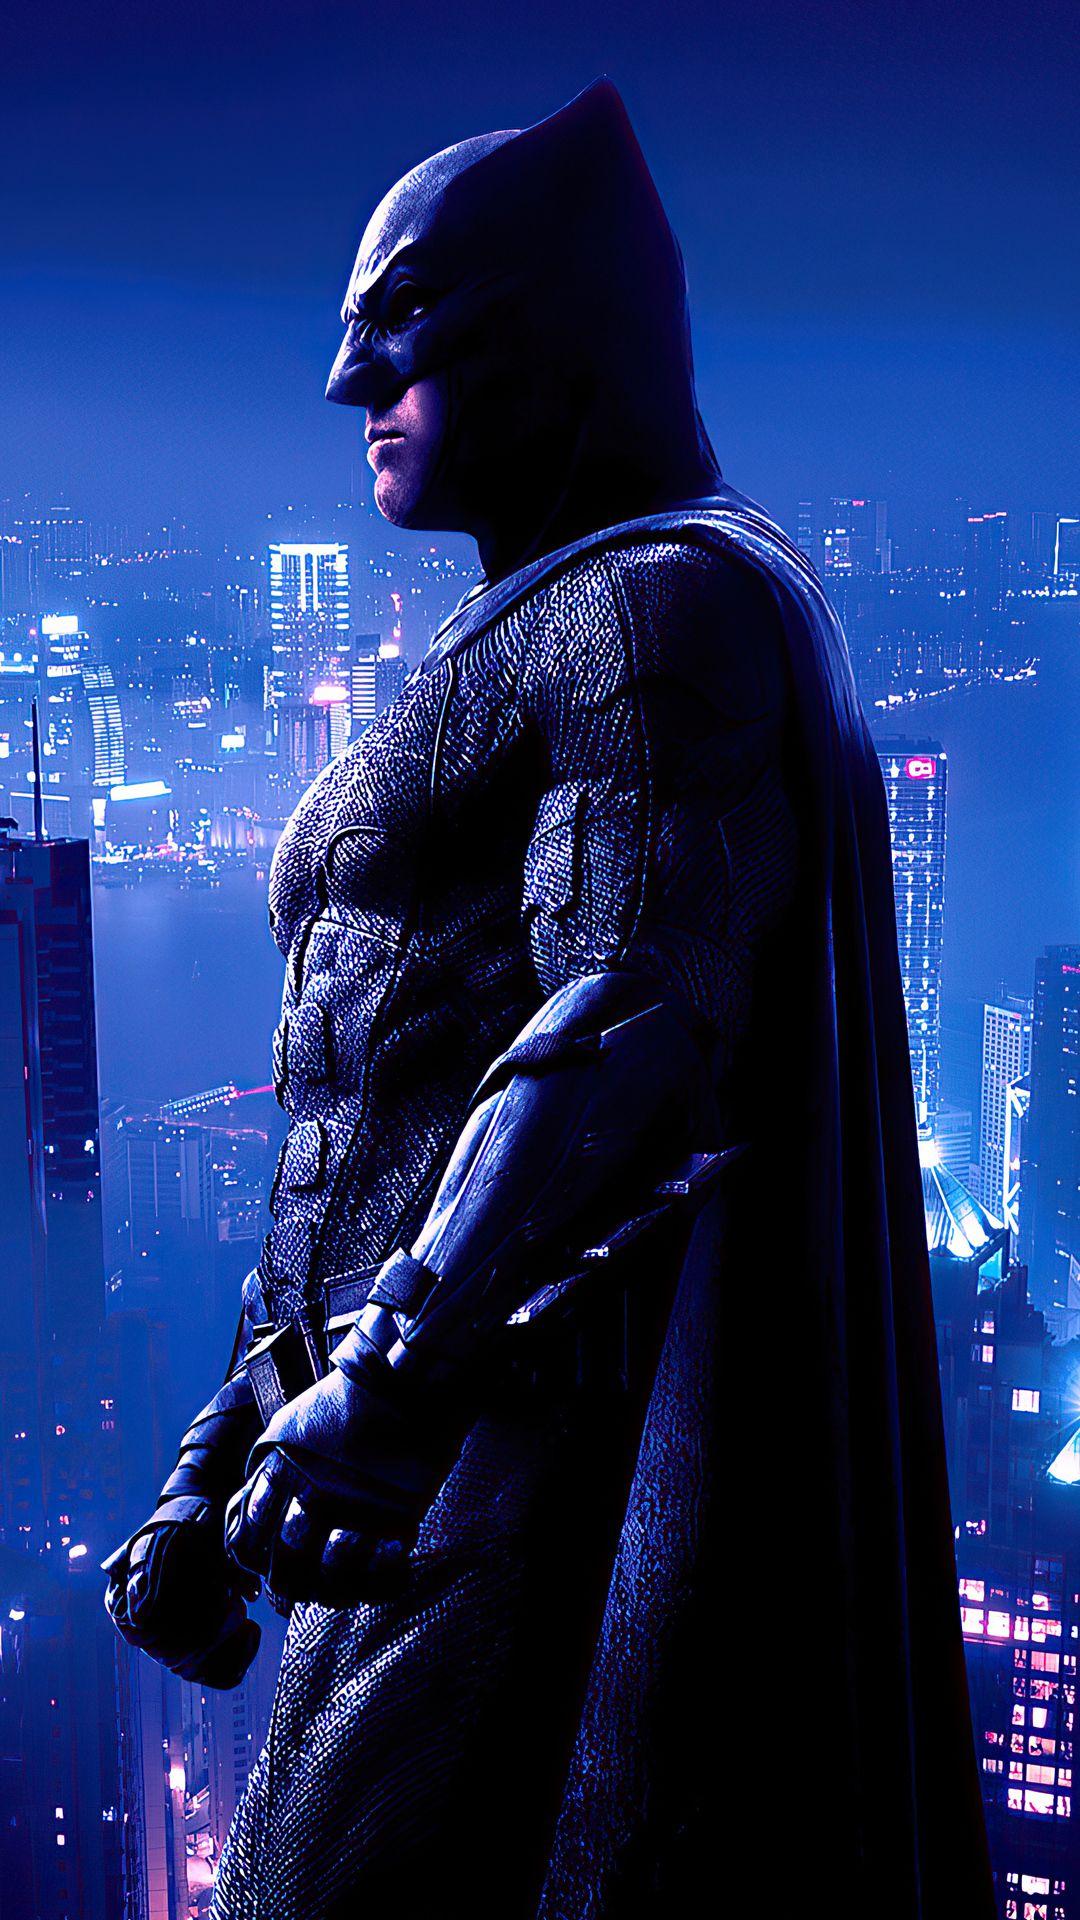 Batman Justice League 4k 2020 In 1080x1920 Resolution Batman Comics Batman Batman Poster